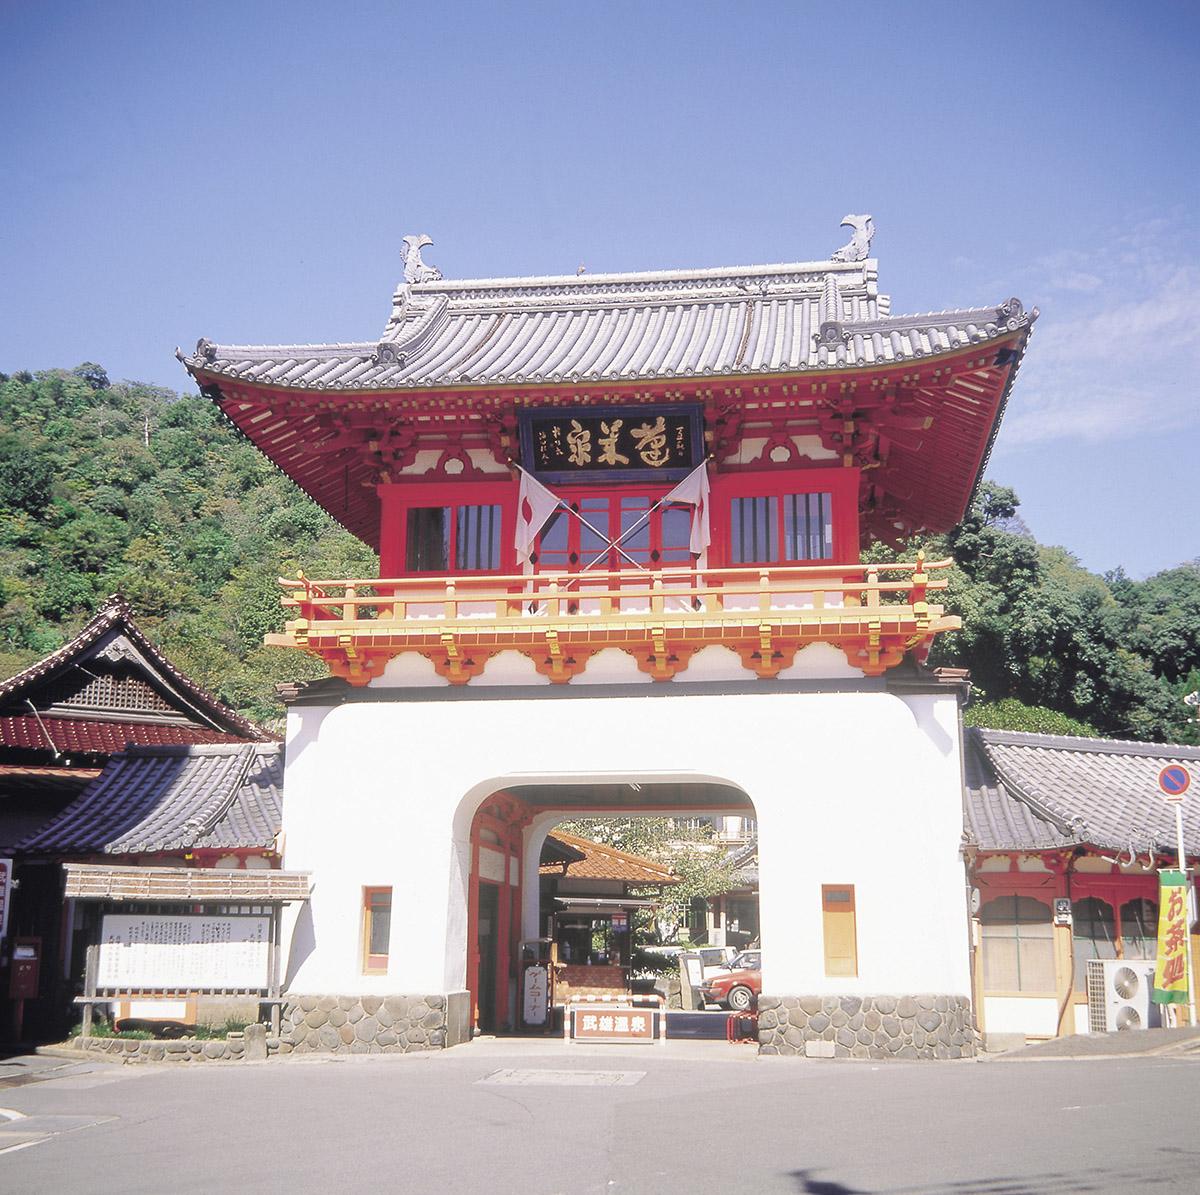 다케오온천로몬 (武雄温泉楼門)